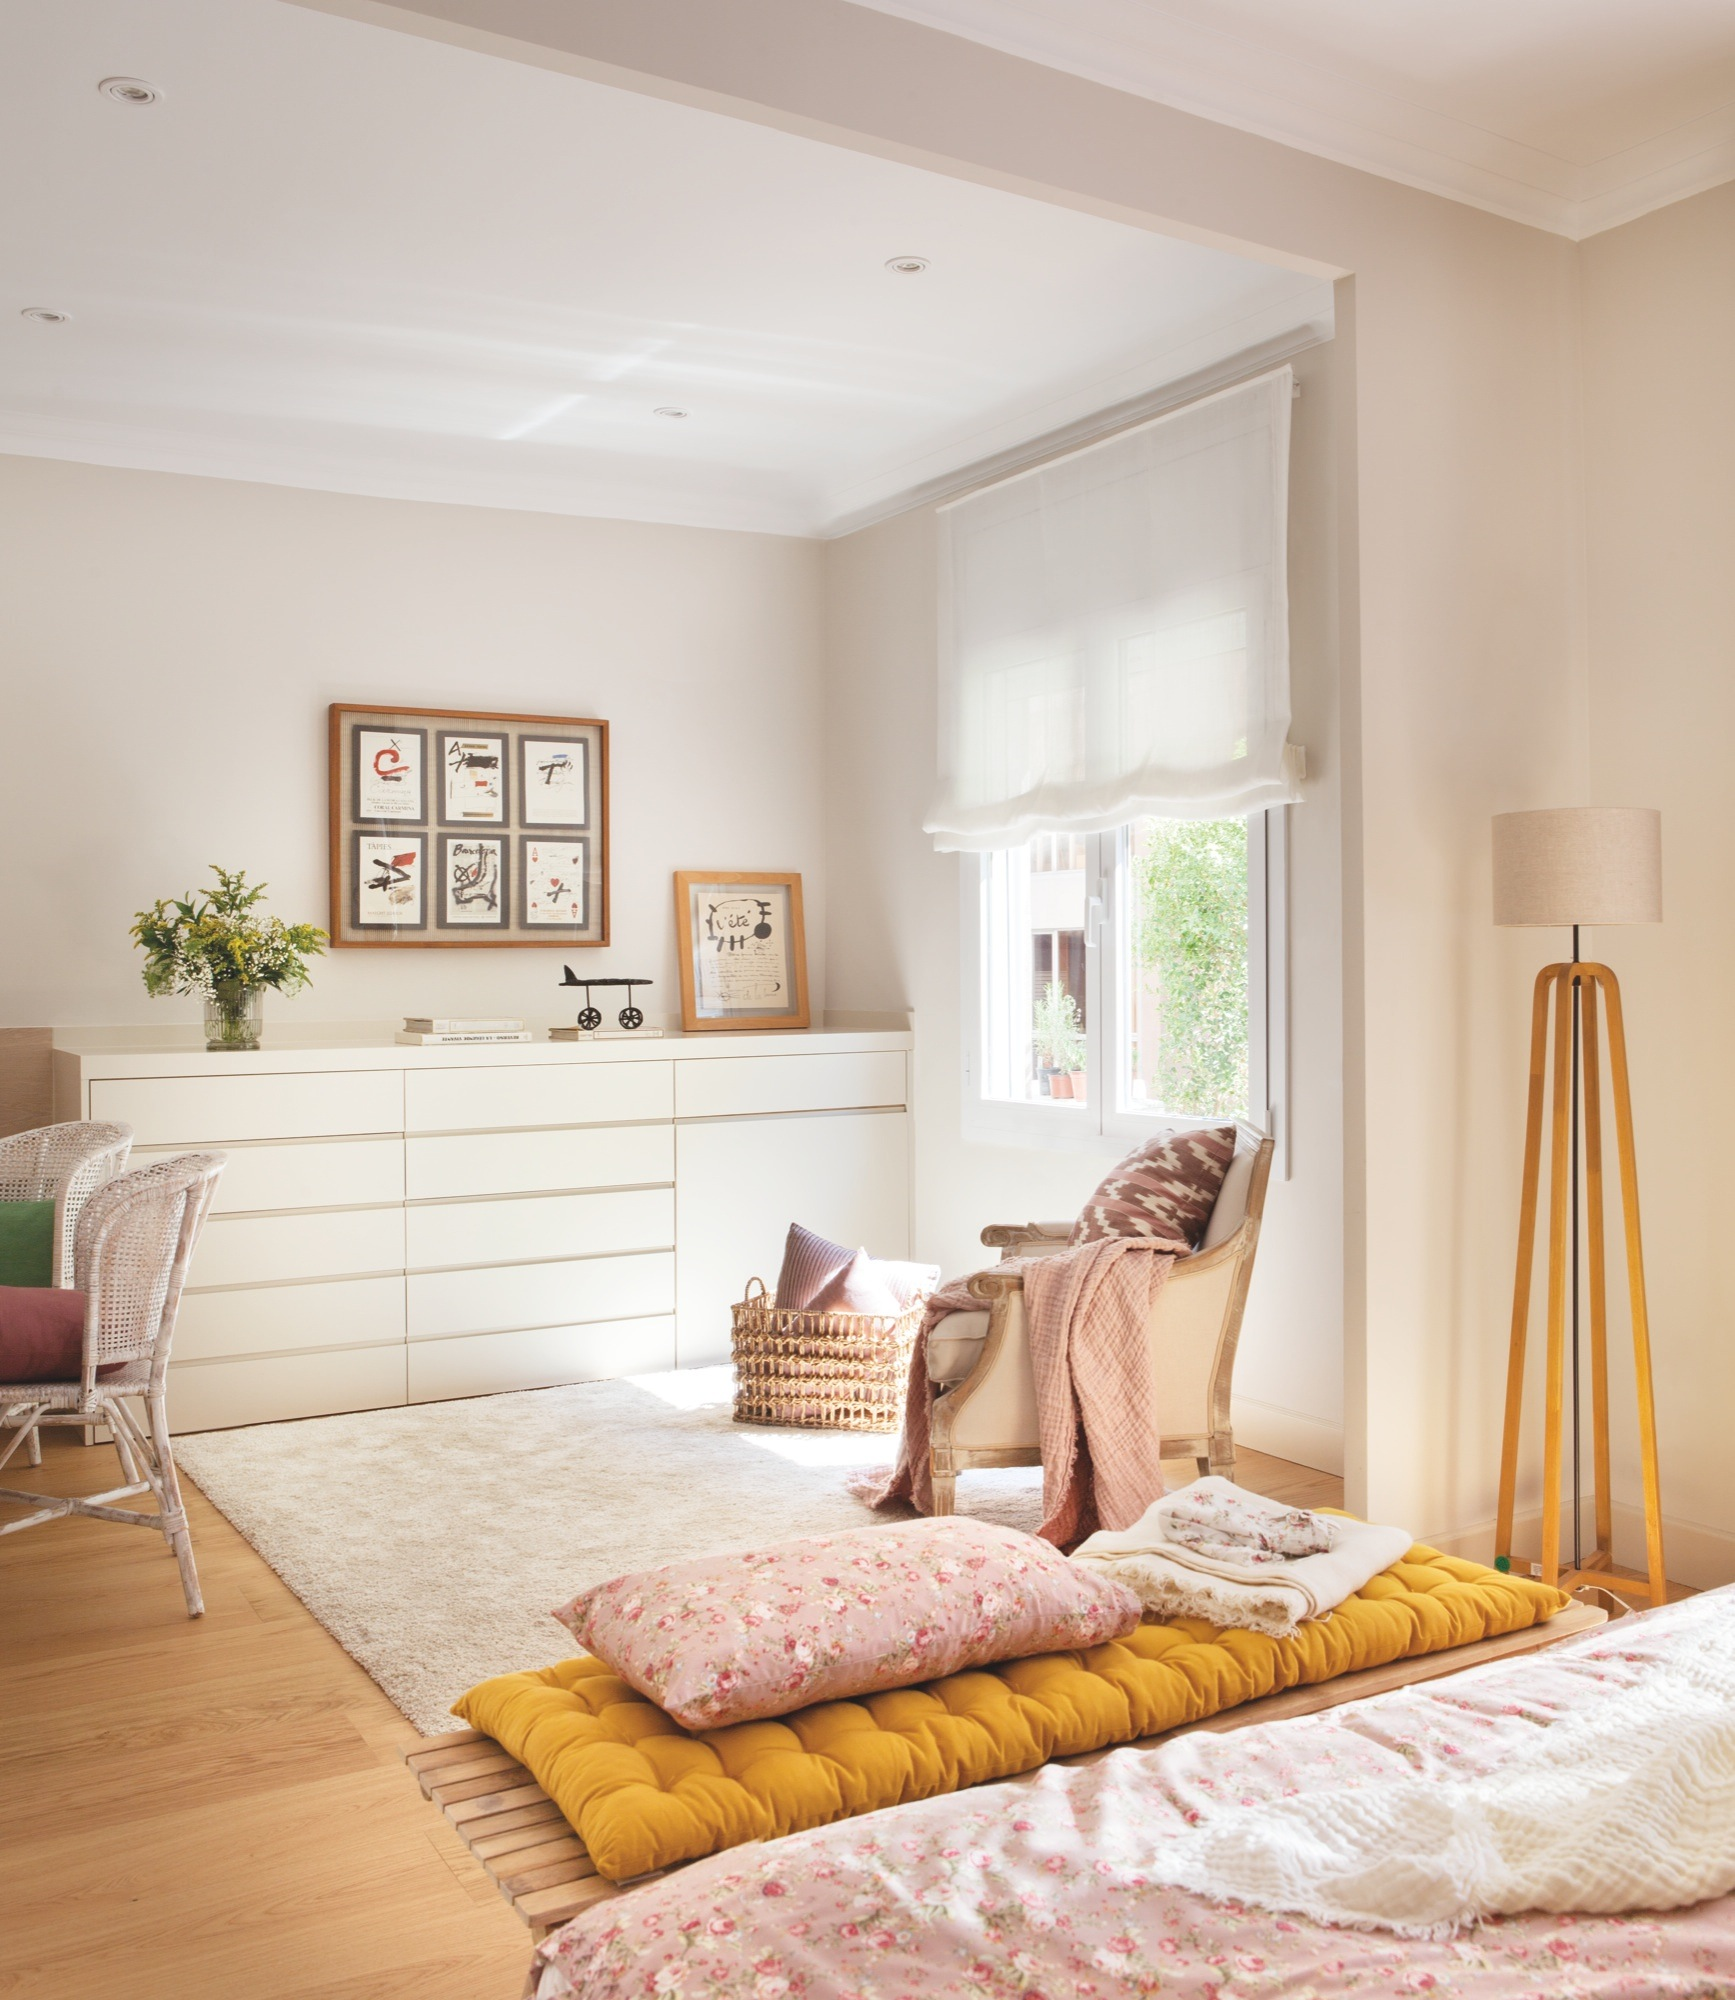 Una casa para nueva etapa sin hijos - Cojines grandes cama ...